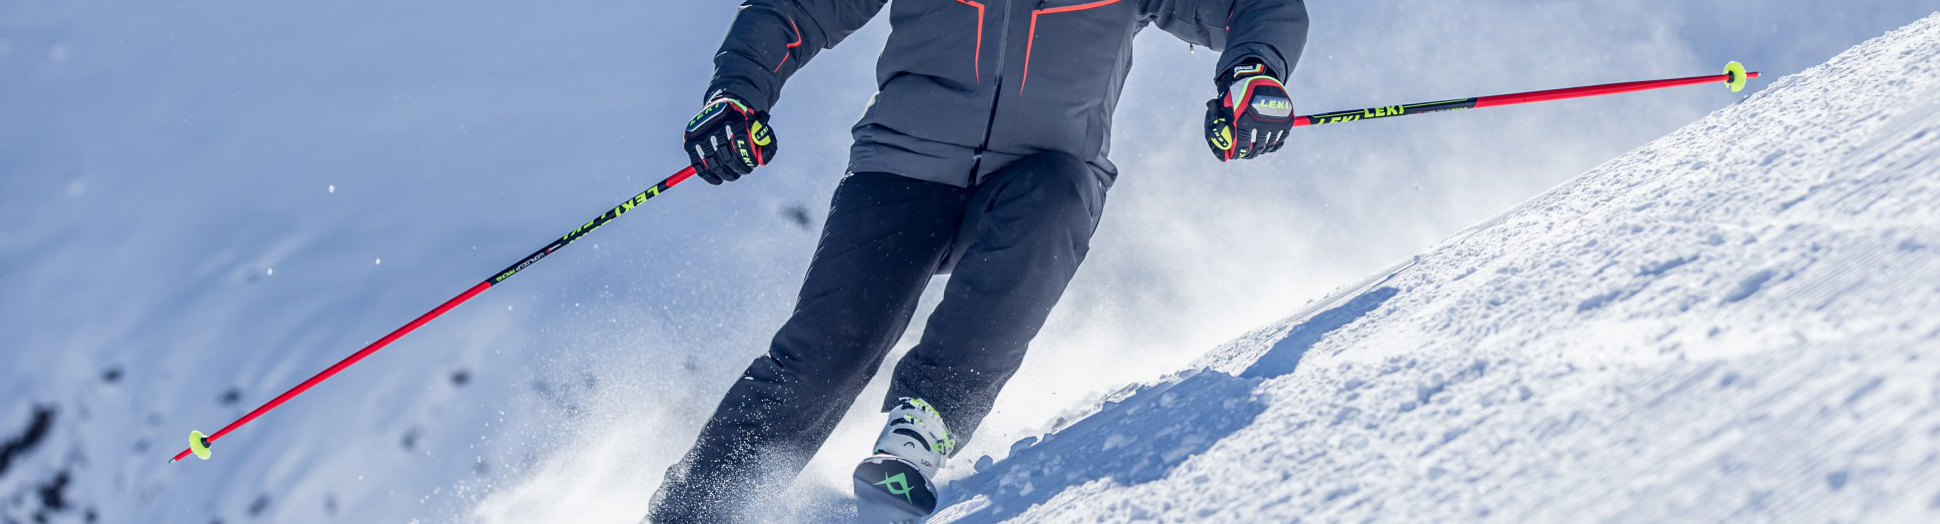 Leki Skistokken